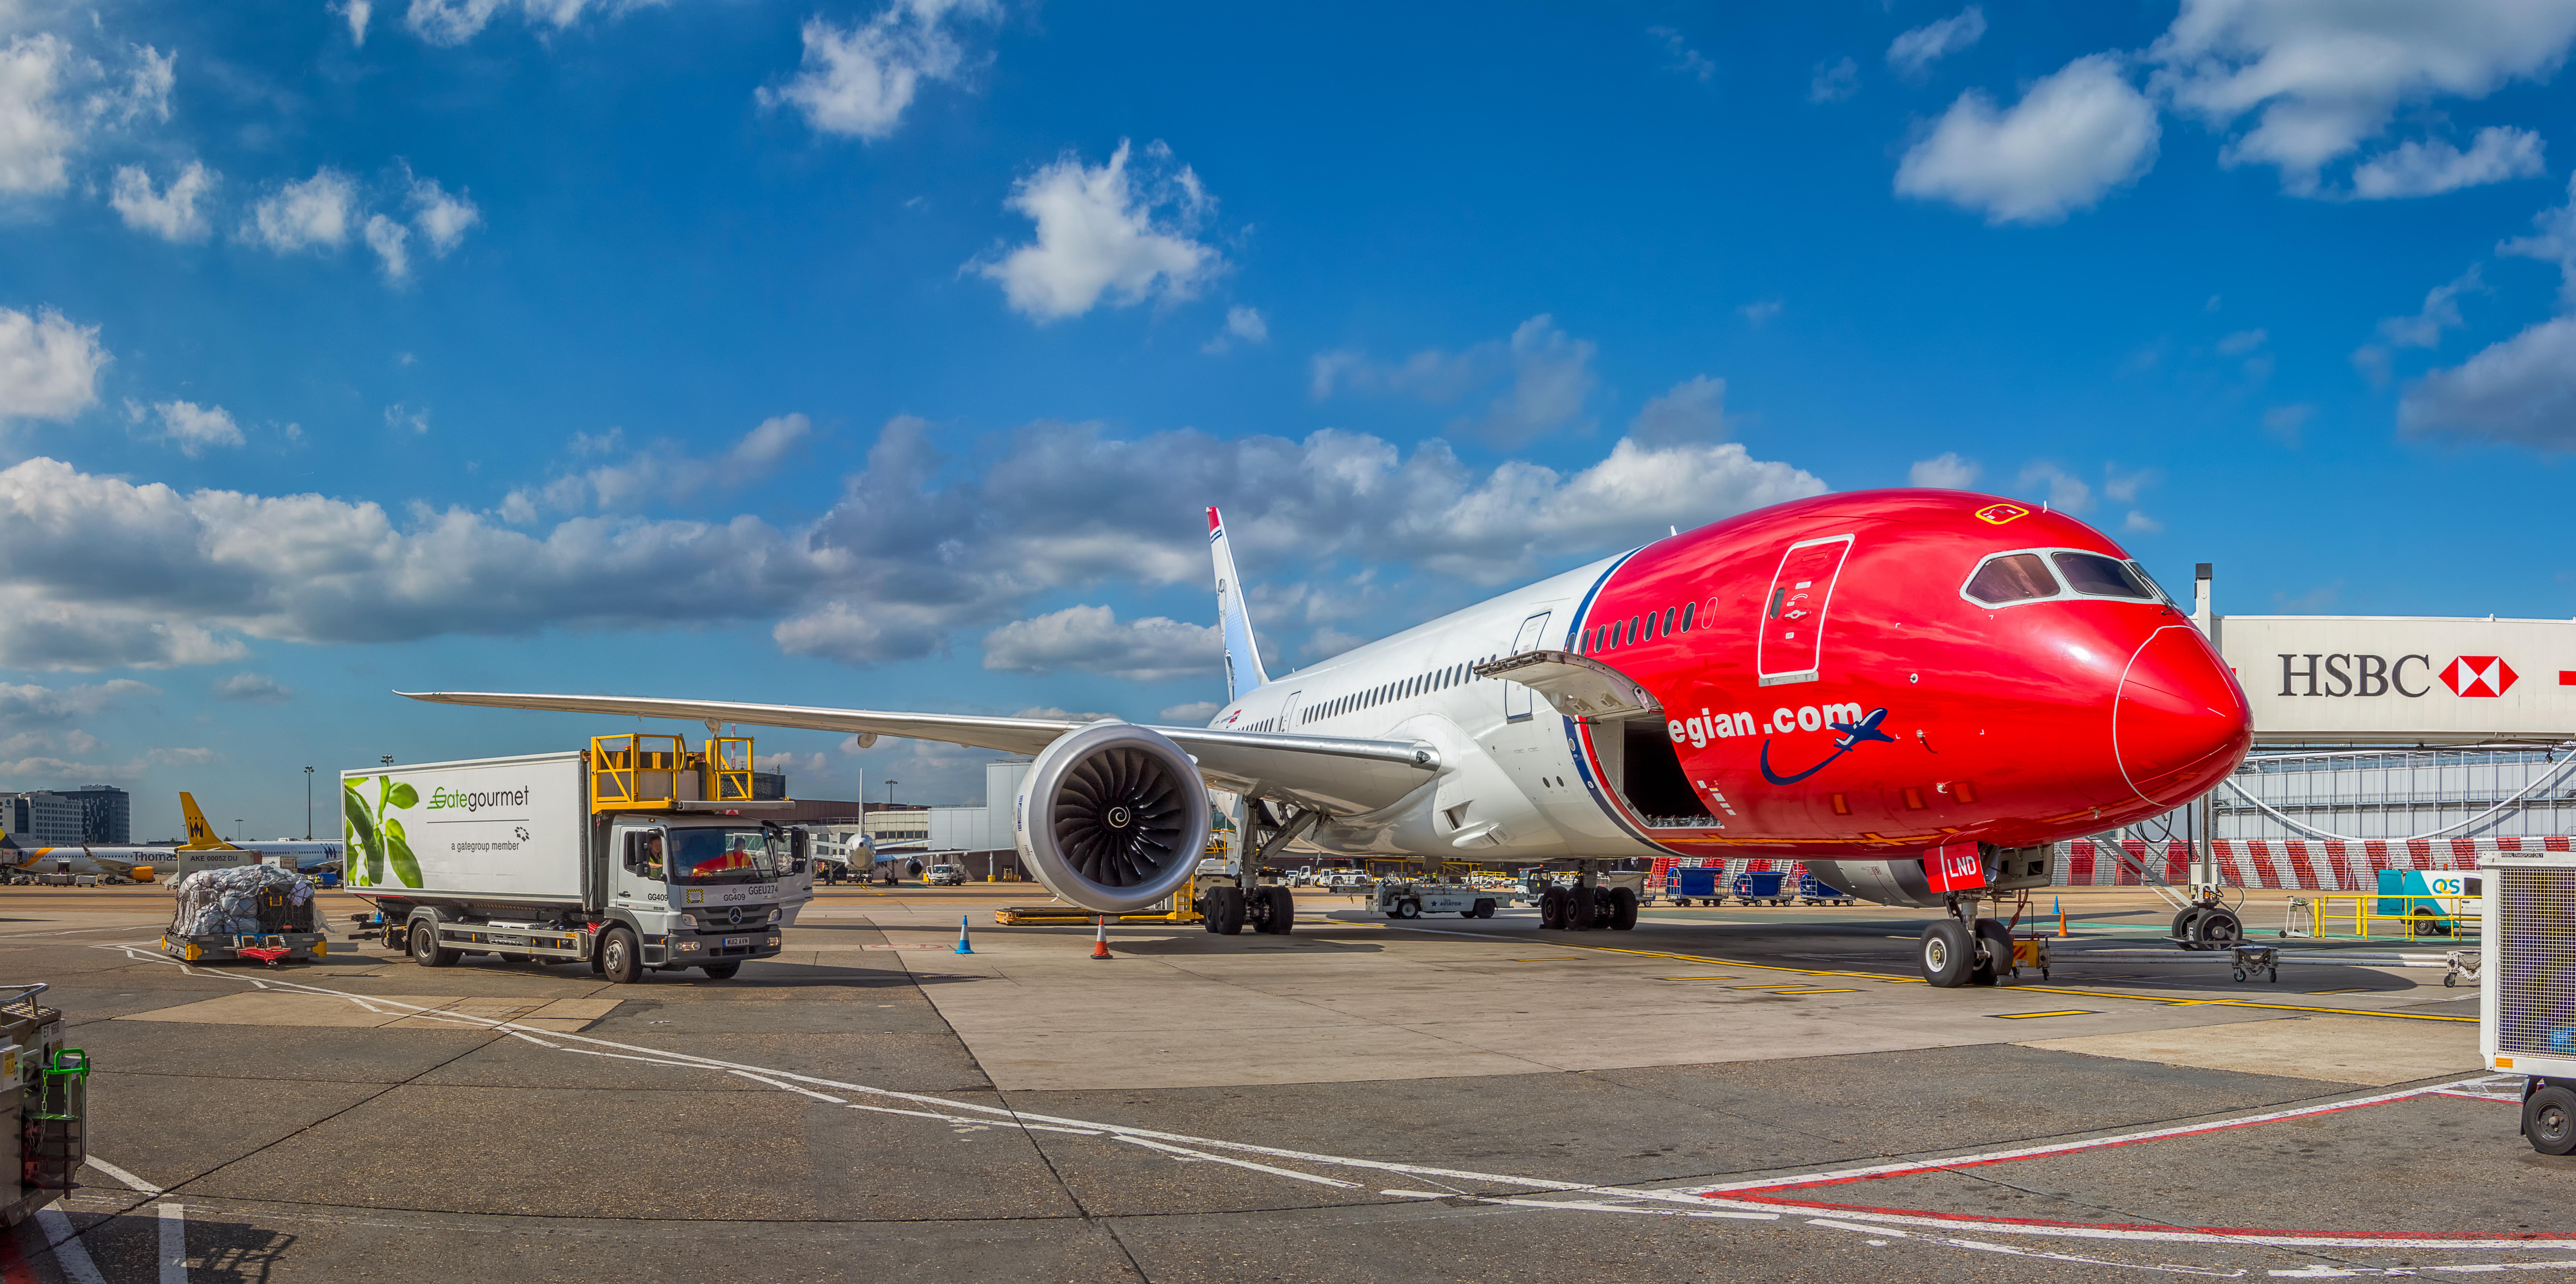 Norwegian_Long_Haul,_Boeing_787-8_Dreamliner,_EI-LND_(18384397813)